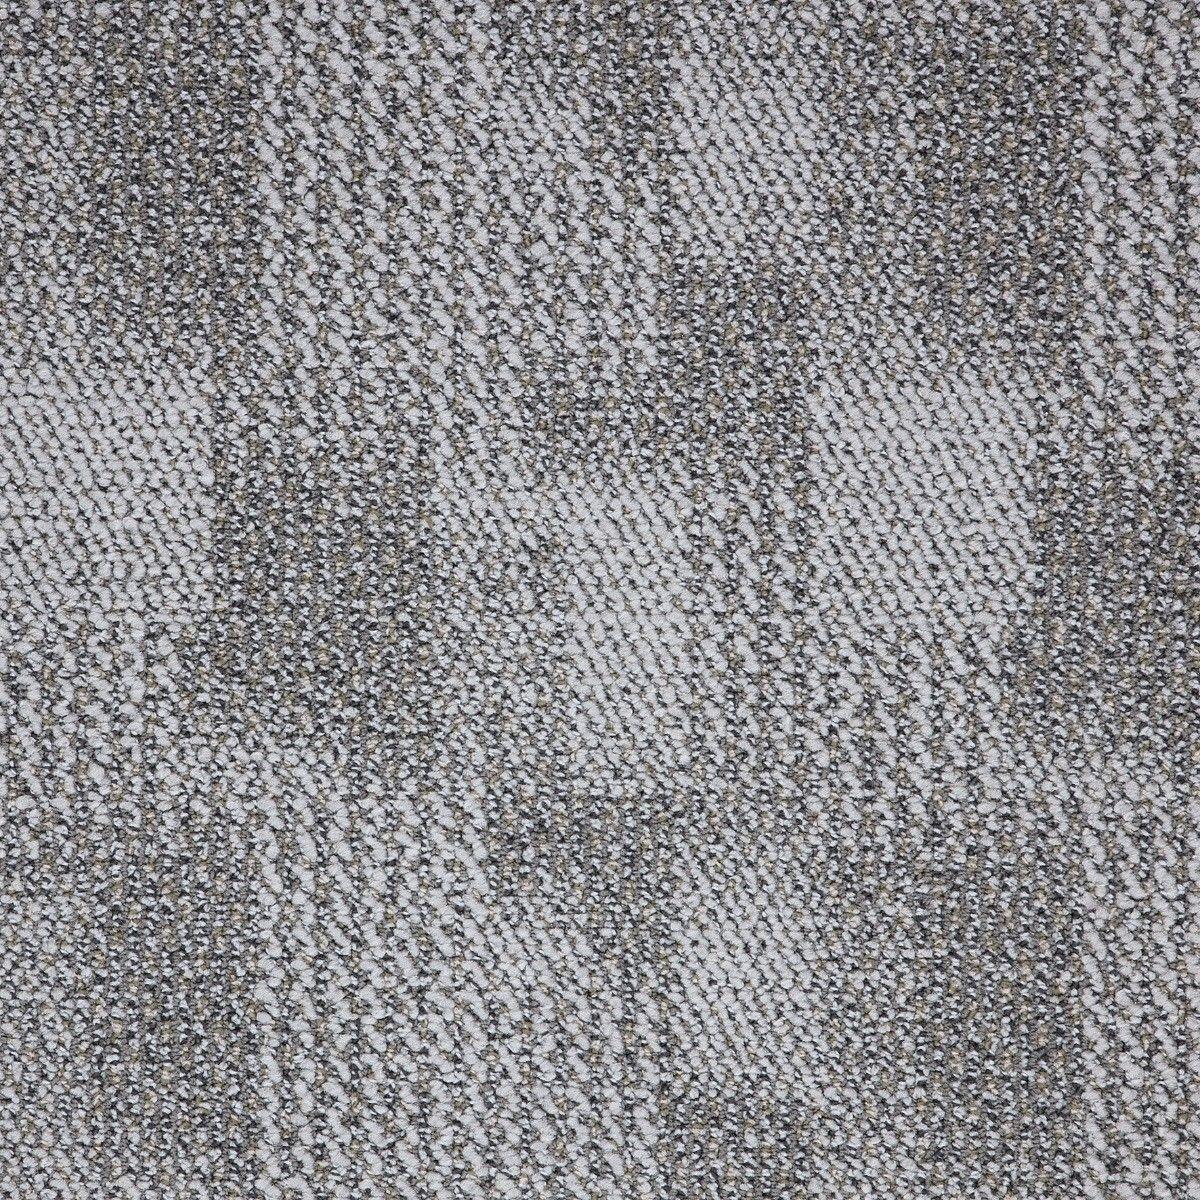 Carpets Floor Tiles: Paragon Parallel Reflections Carpet Tiles Colour Madrid